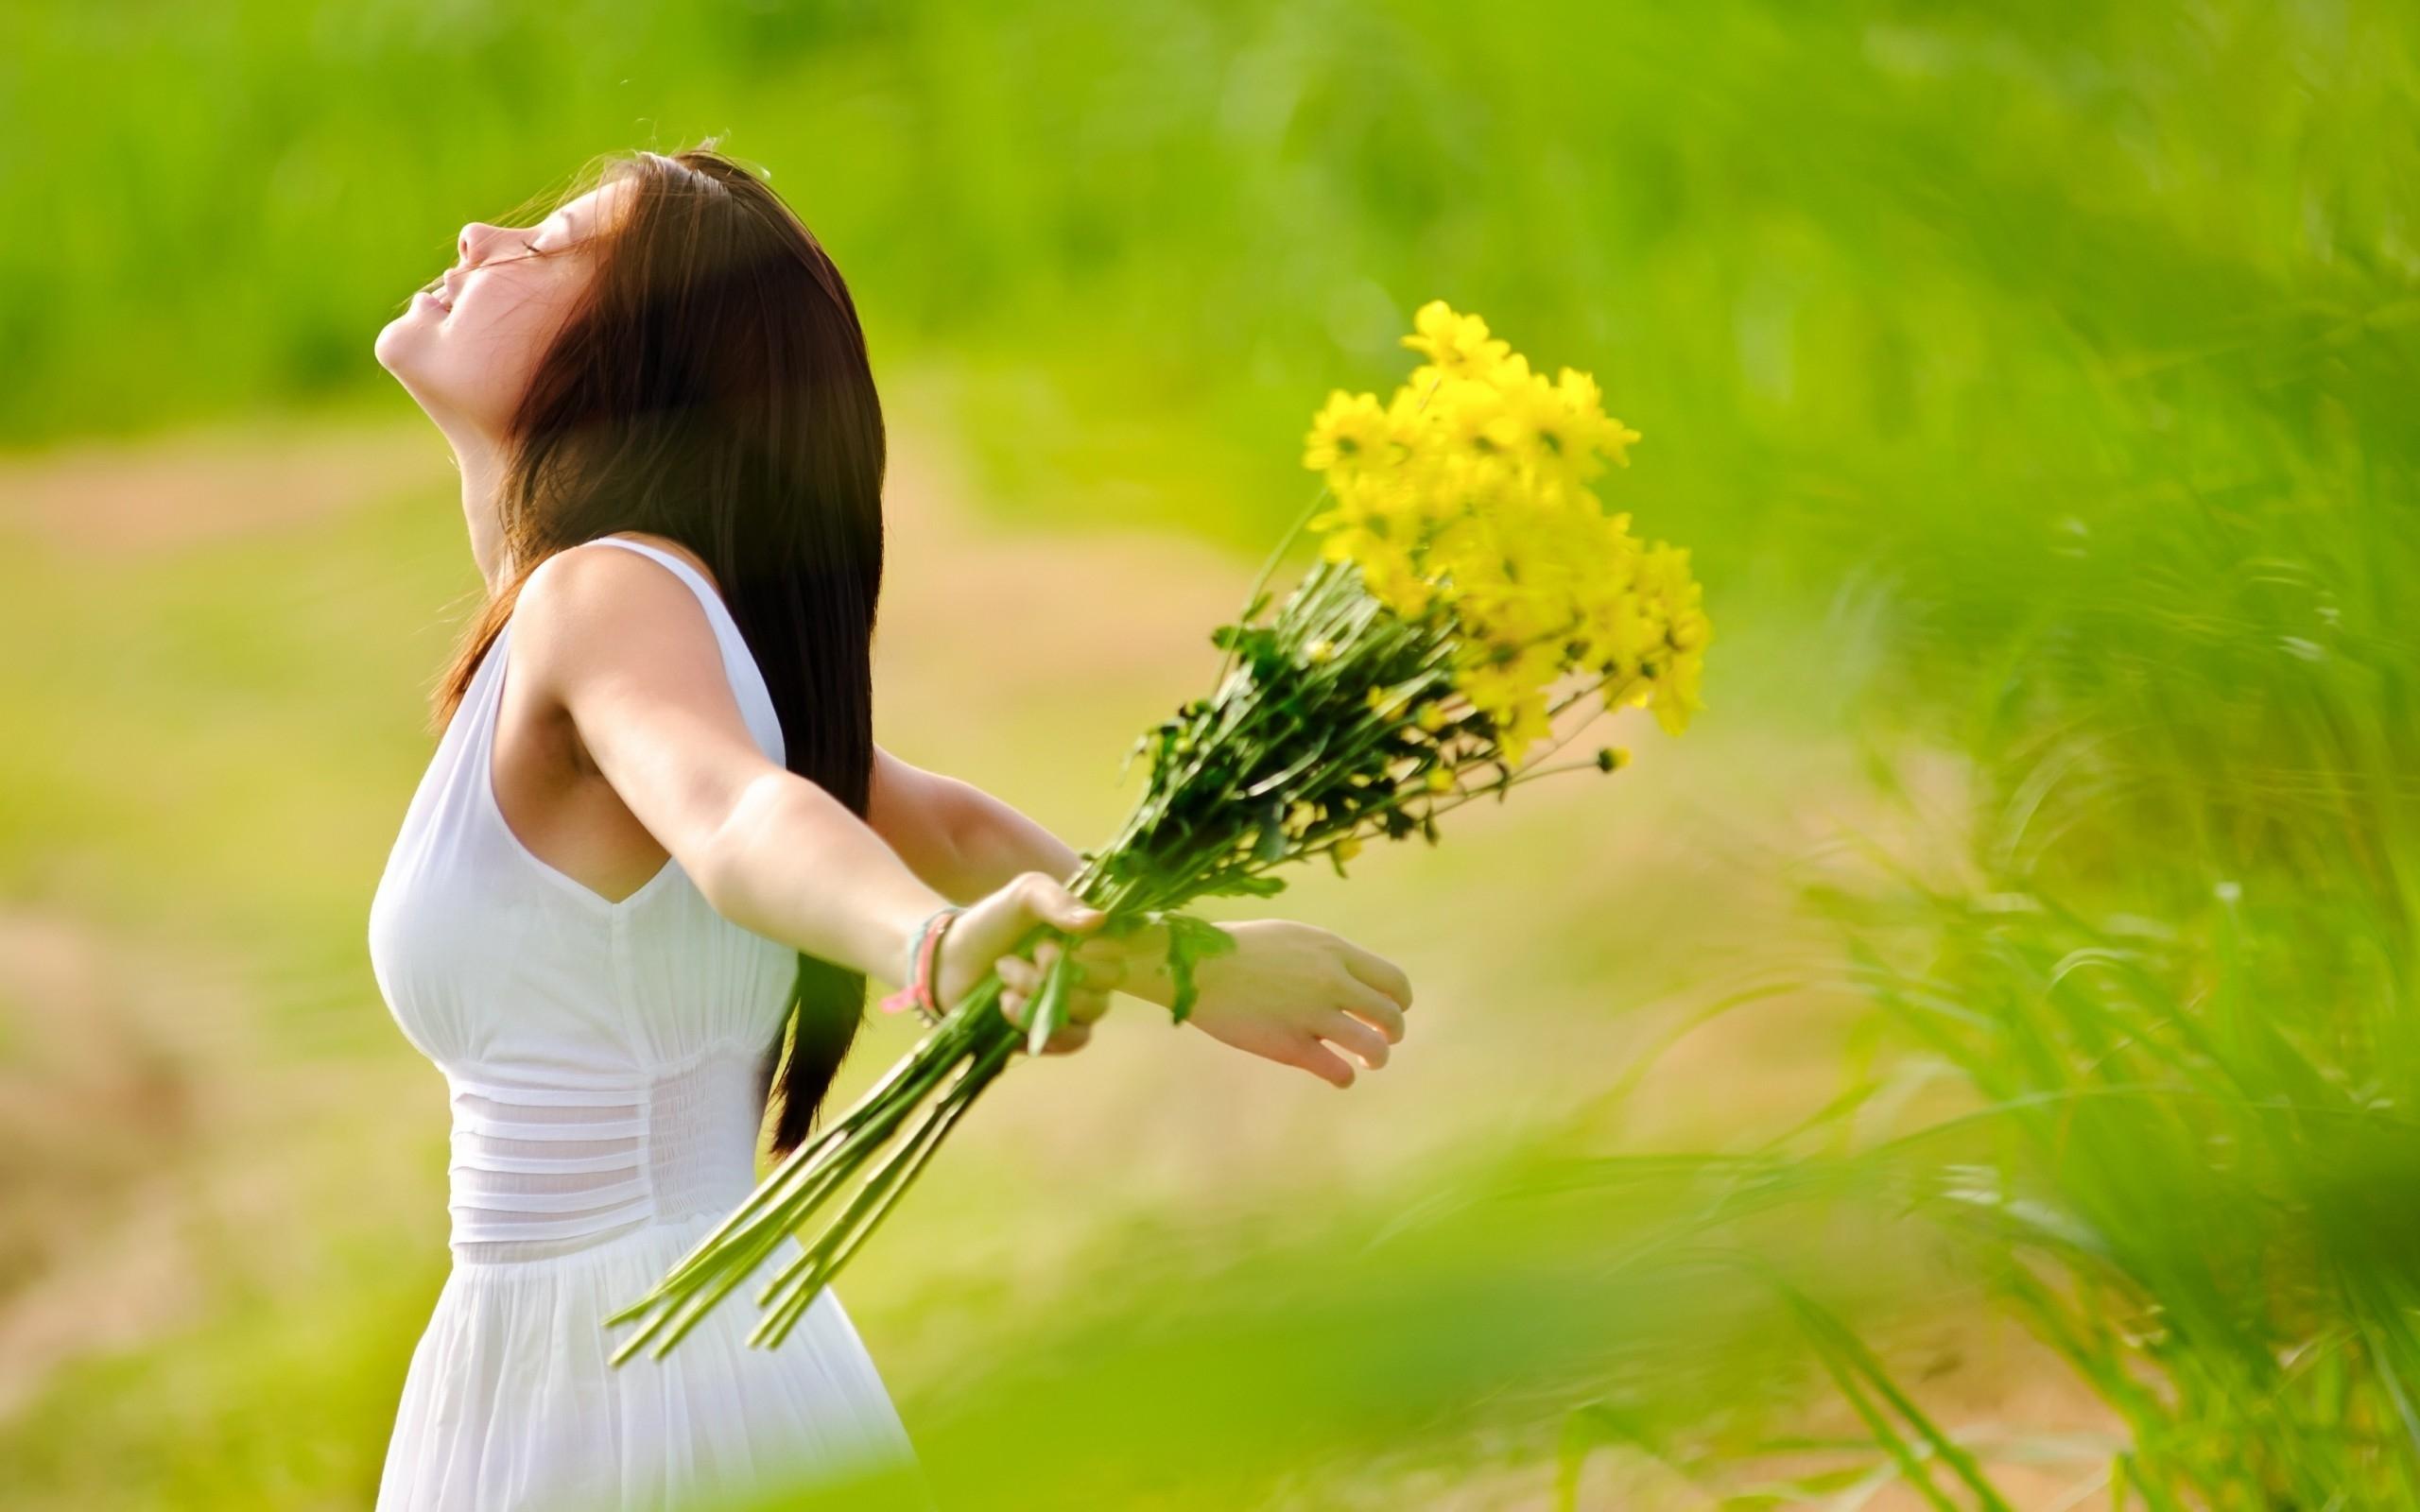 позитивные картинки и фото о любви хризантемы садовые, комнатные